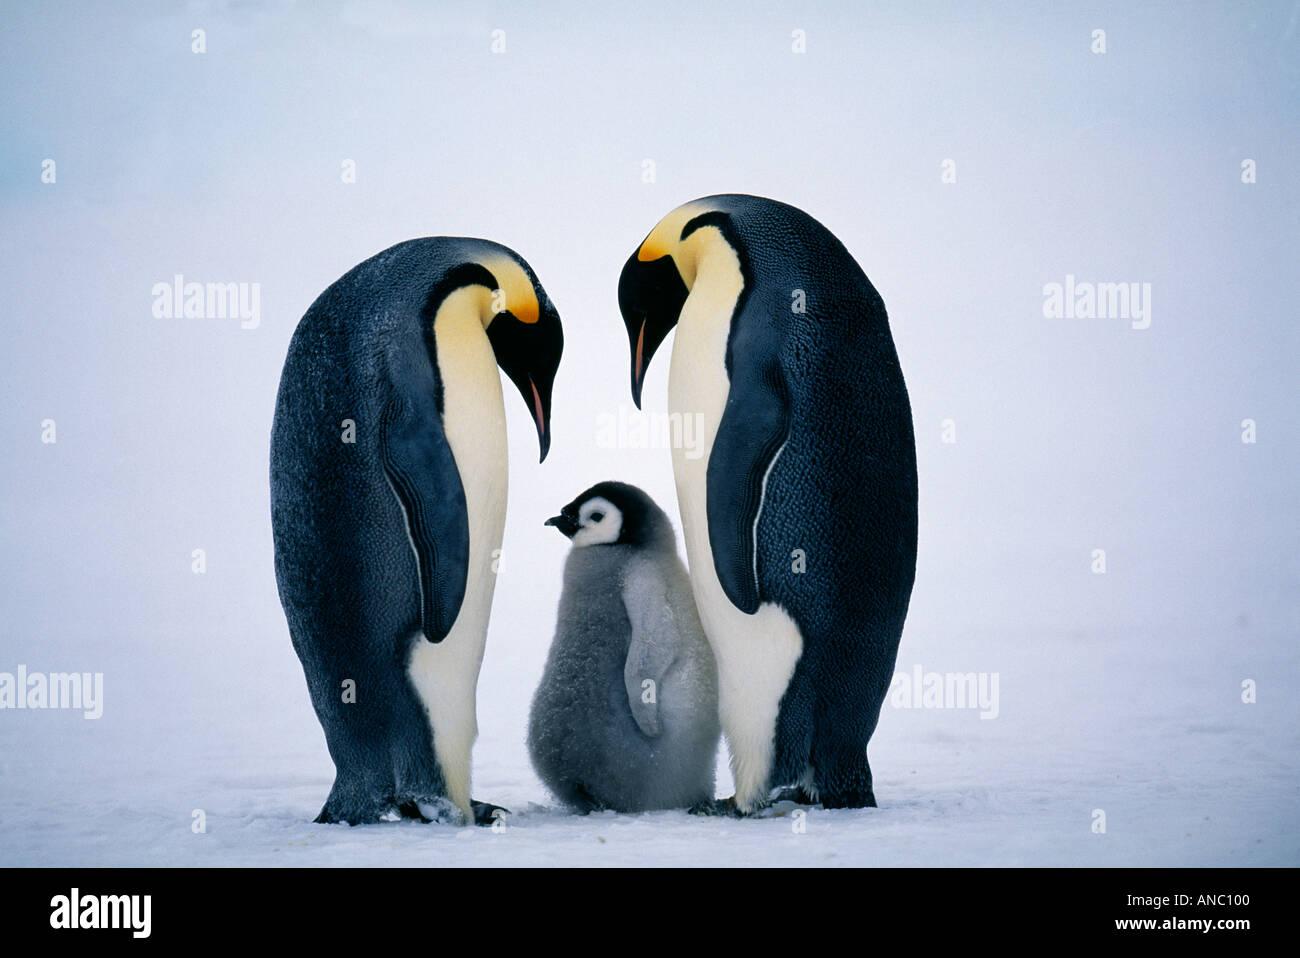 Kaiser-Pinguin Aptenodytes Forsteri paar mit Küken Familie Dawson-Lambton-Gletscher Weddellmeer Antarktis November Stockbild